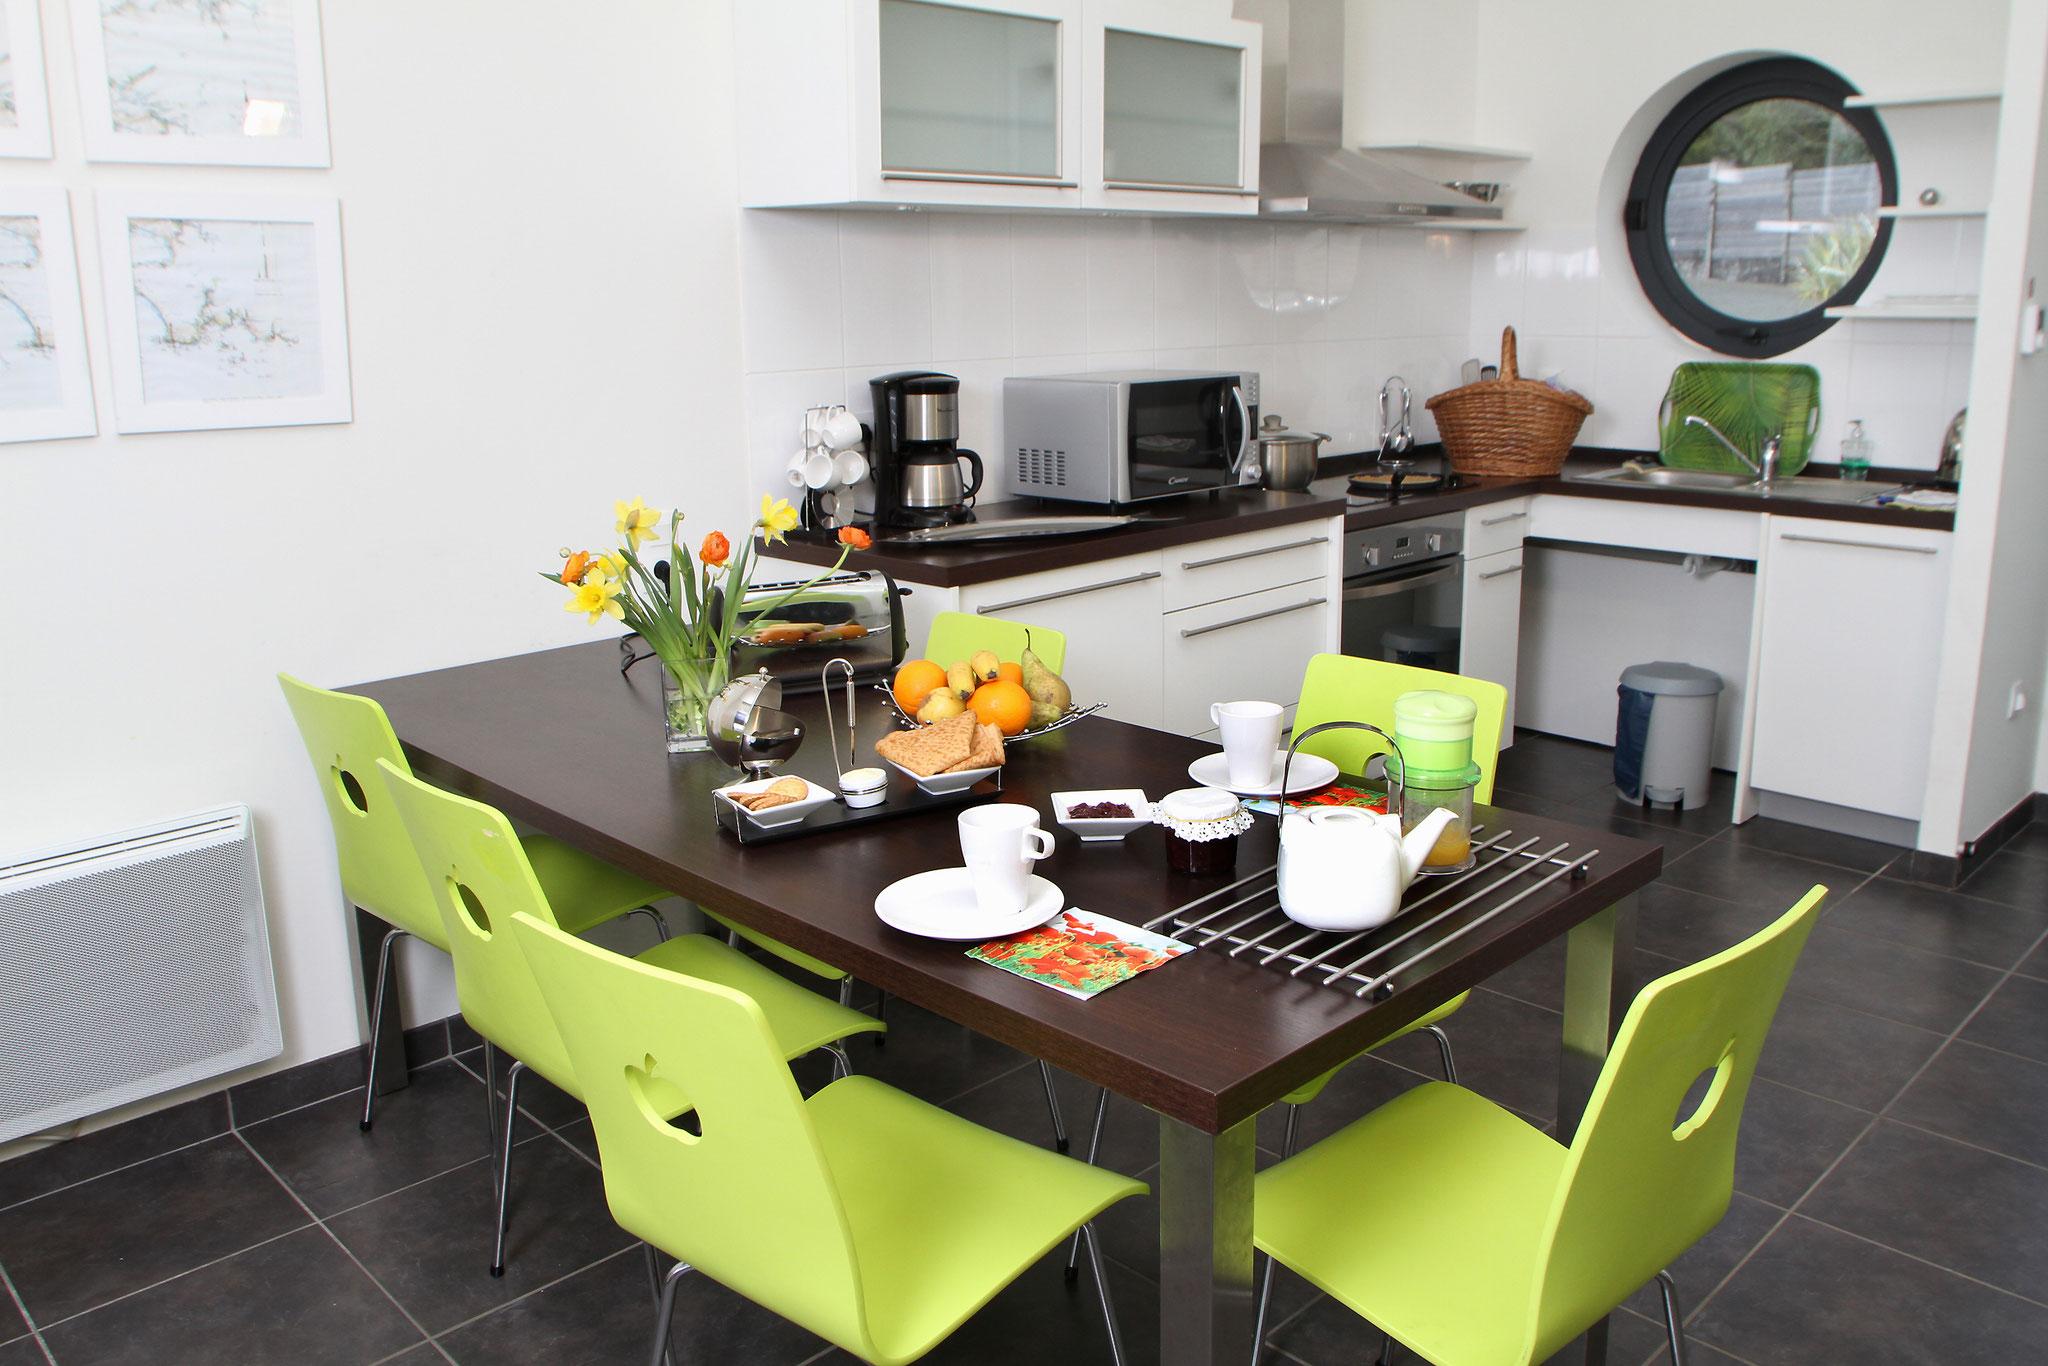 La cuisine un espace fonctionnel et tout équipée